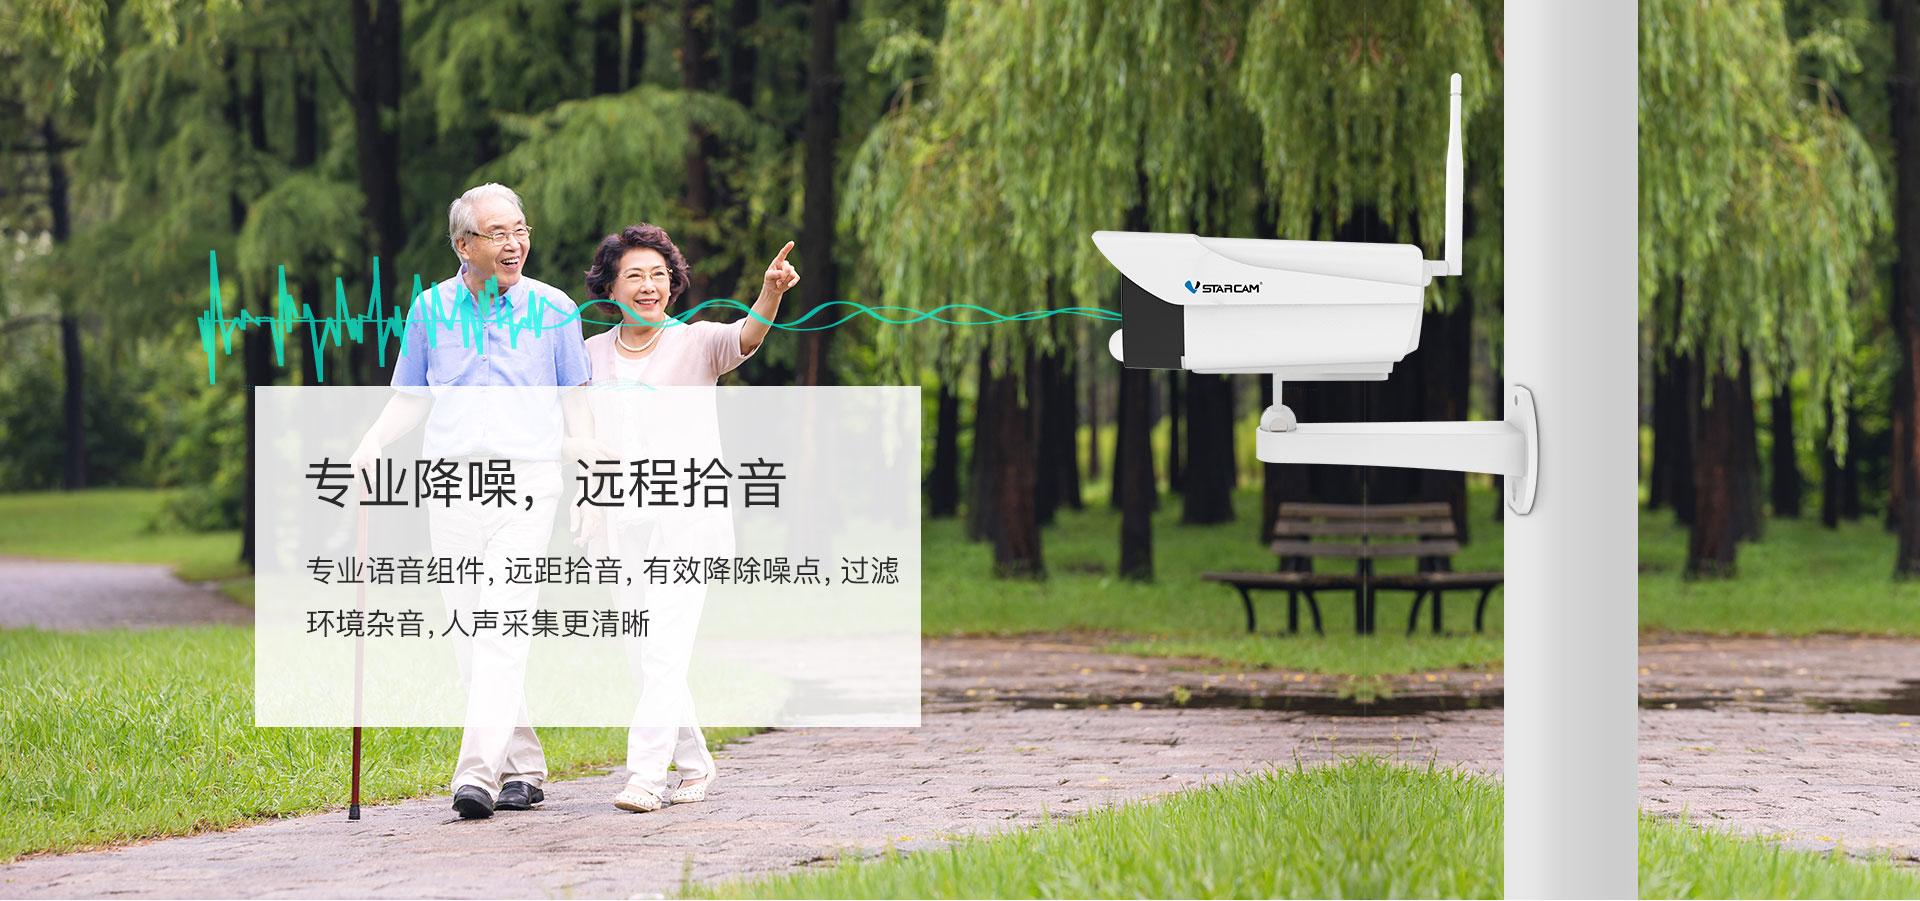 4g网络摄像机